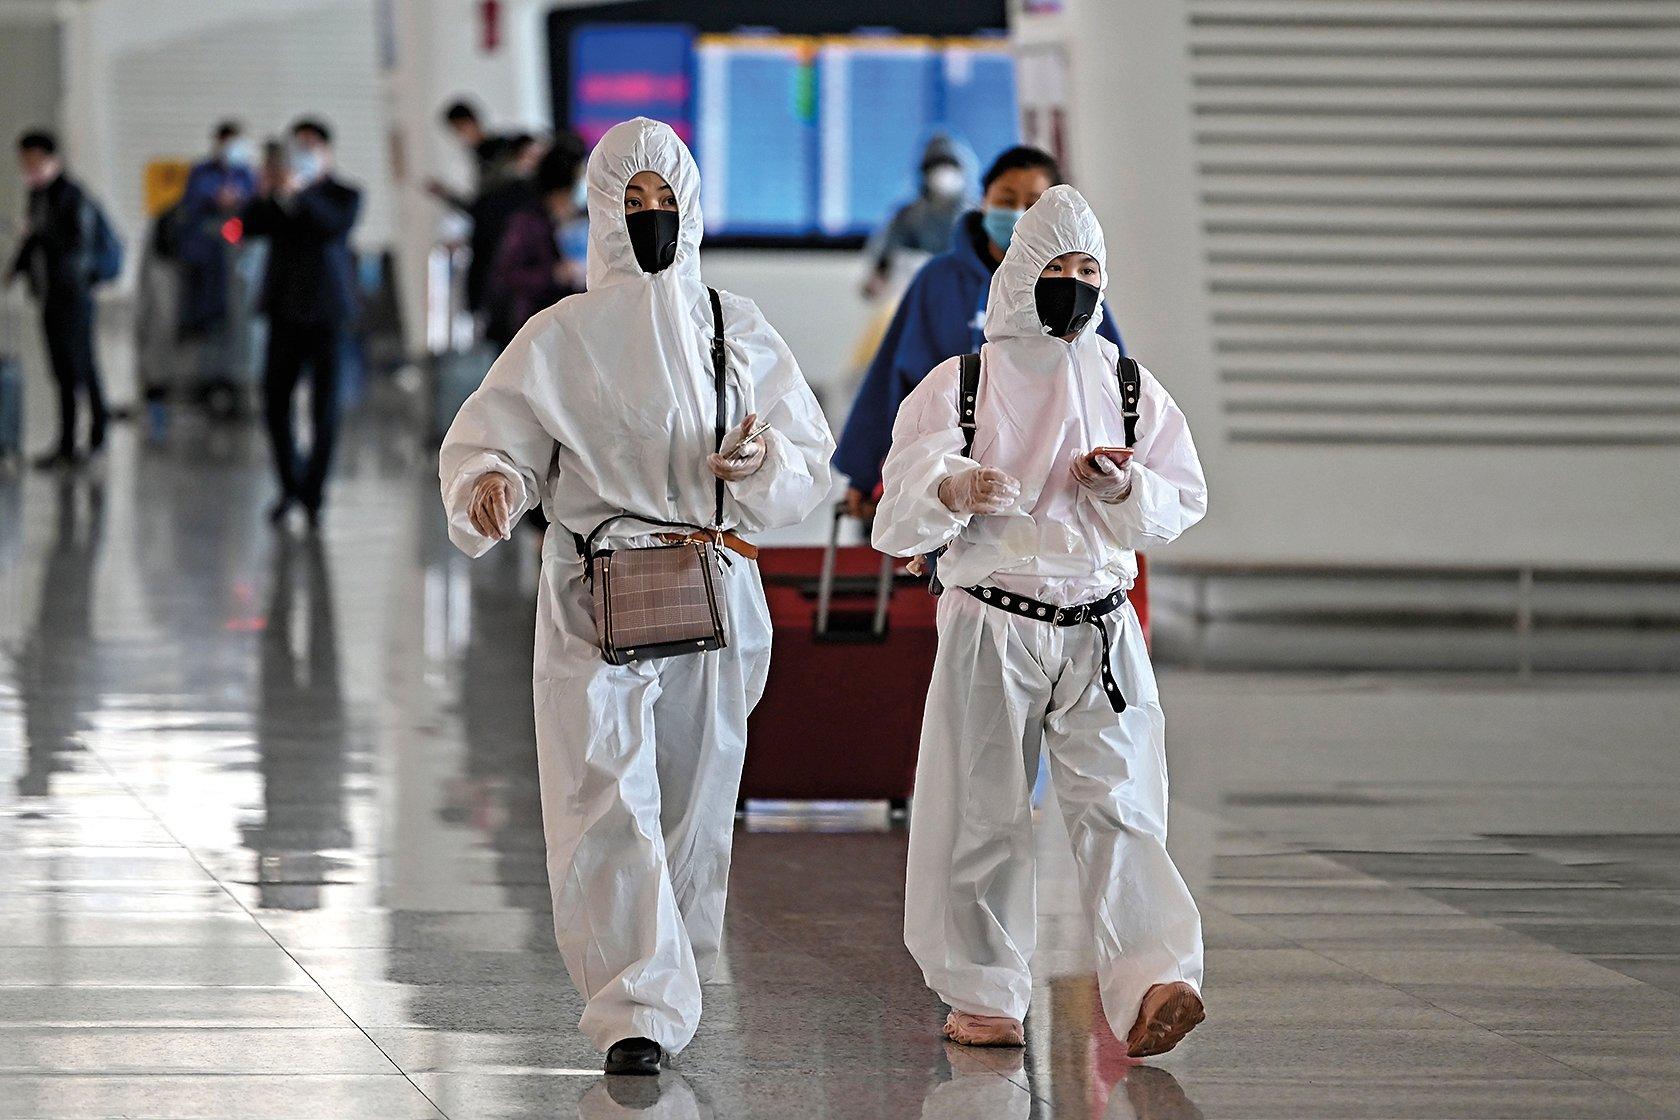 2020年4月8日,武漢解封首日,武漢天河機場內準備搭機的旅客全副武裝。(Getty Images)